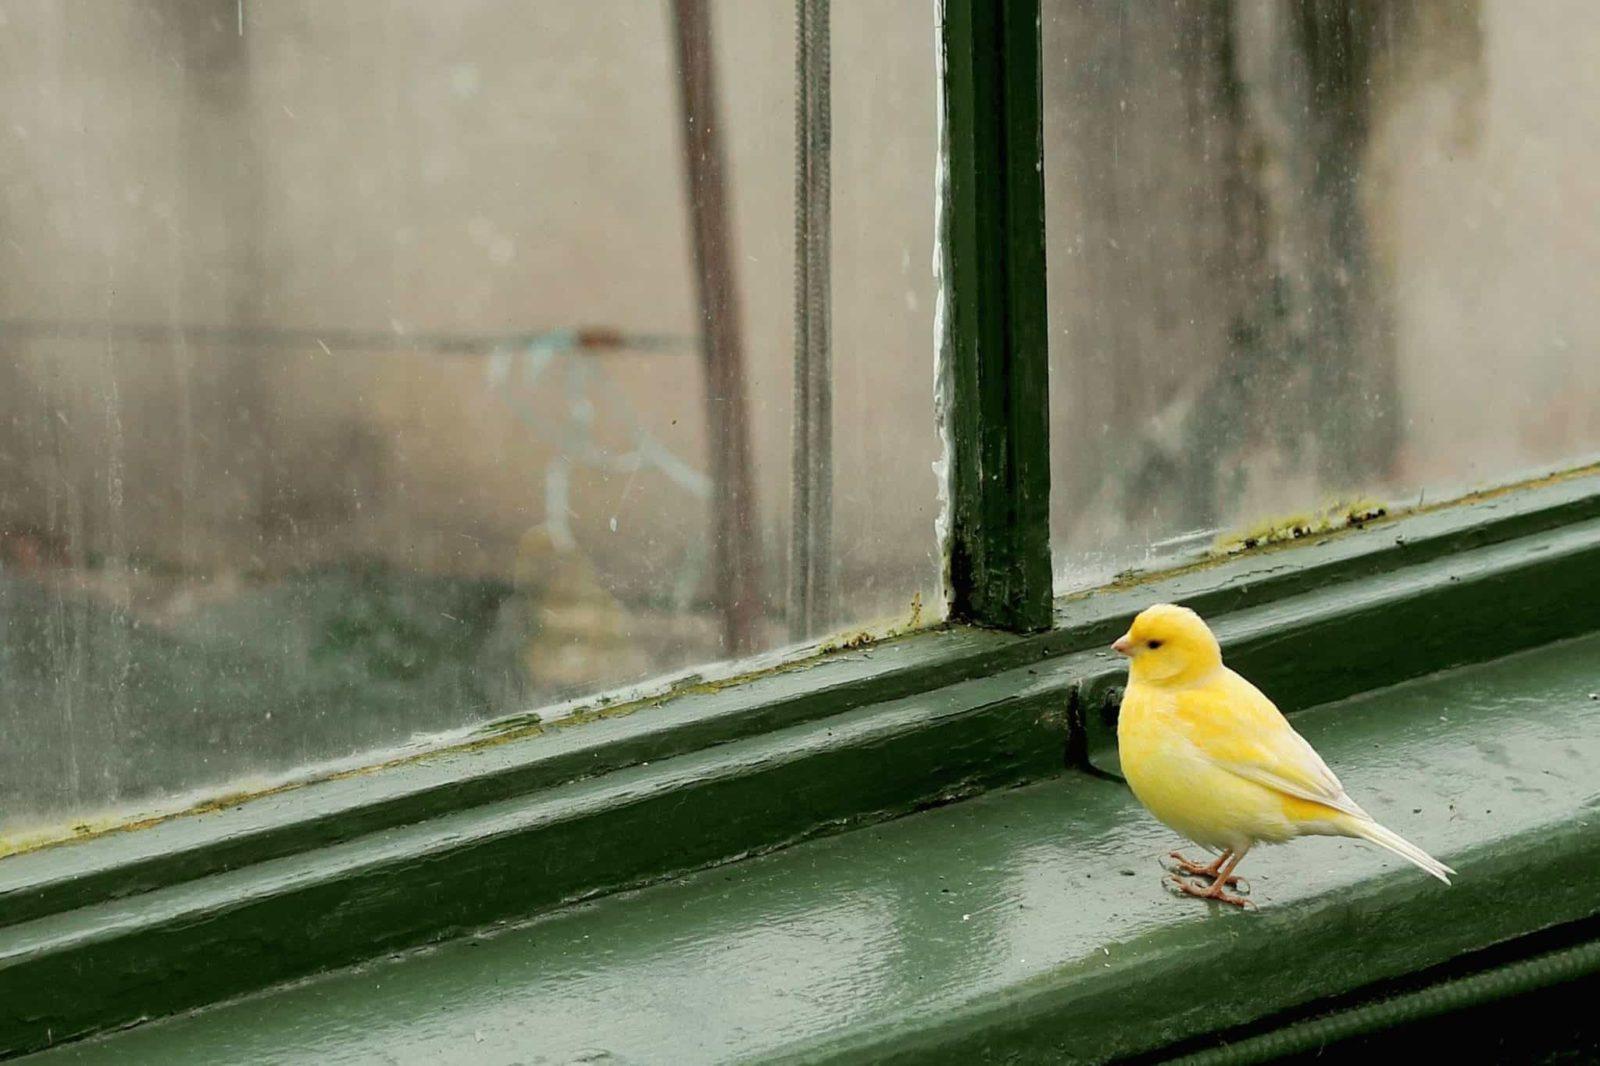 Птица села на подоконник